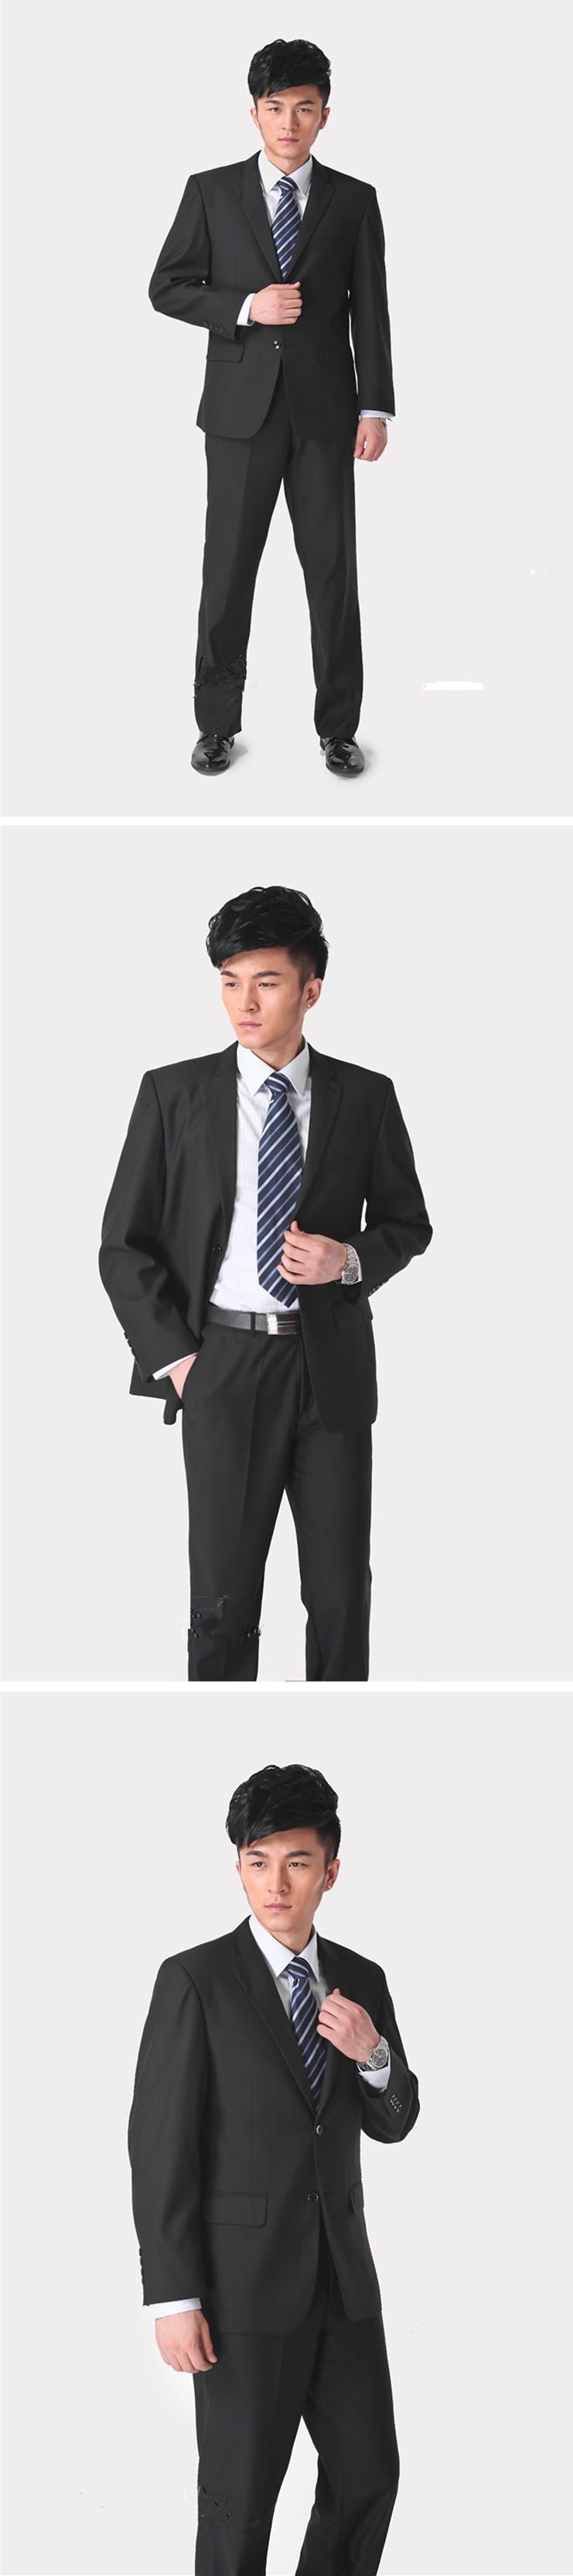 Куртка + брюки + галстук) костюм мужской тонкий формальный жених ... a2ba86f0fe5